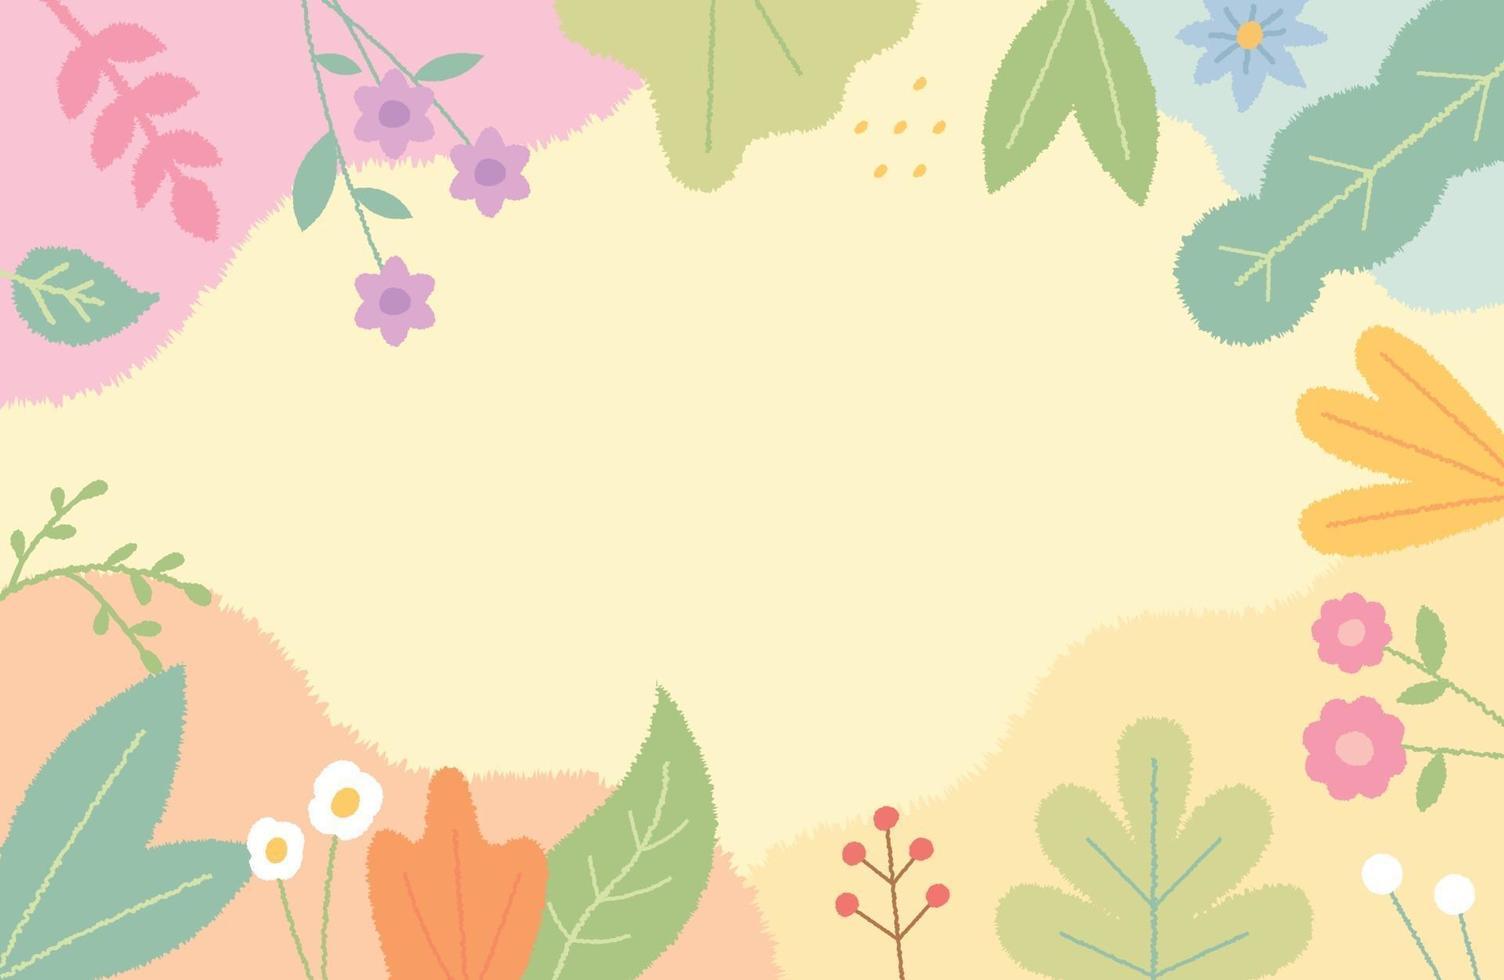 kaart illustratie versierd met schattige bloemen en bladeren aan de rand. eenvoudig patroon ontwerpsjabloon. vector